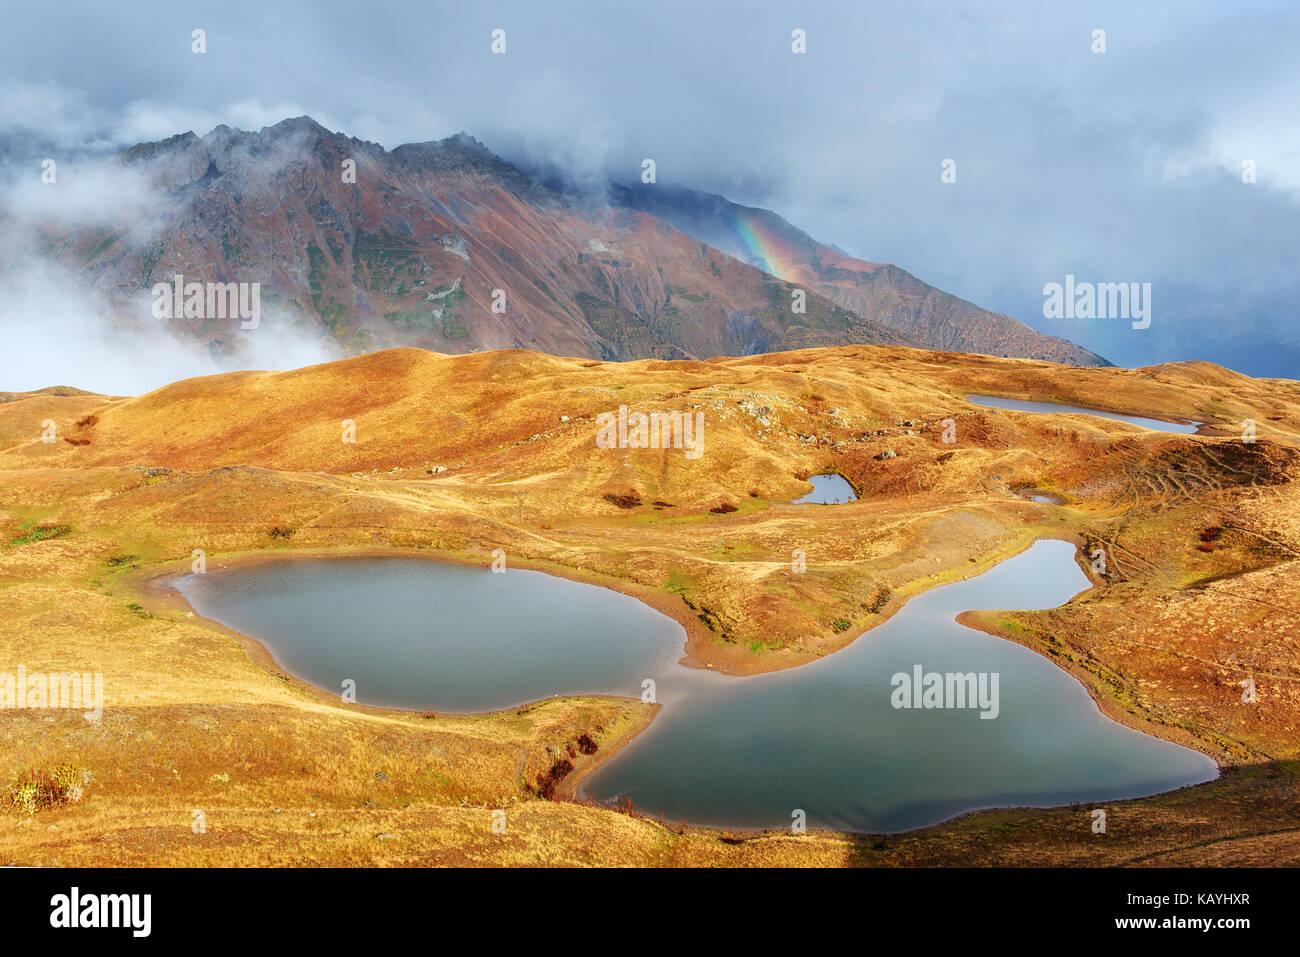 Majestätischen Bergwelt. Koruldi Seen und ein Tourist die Aussicht bewundern. Aktives Leben Konzept Stockbild